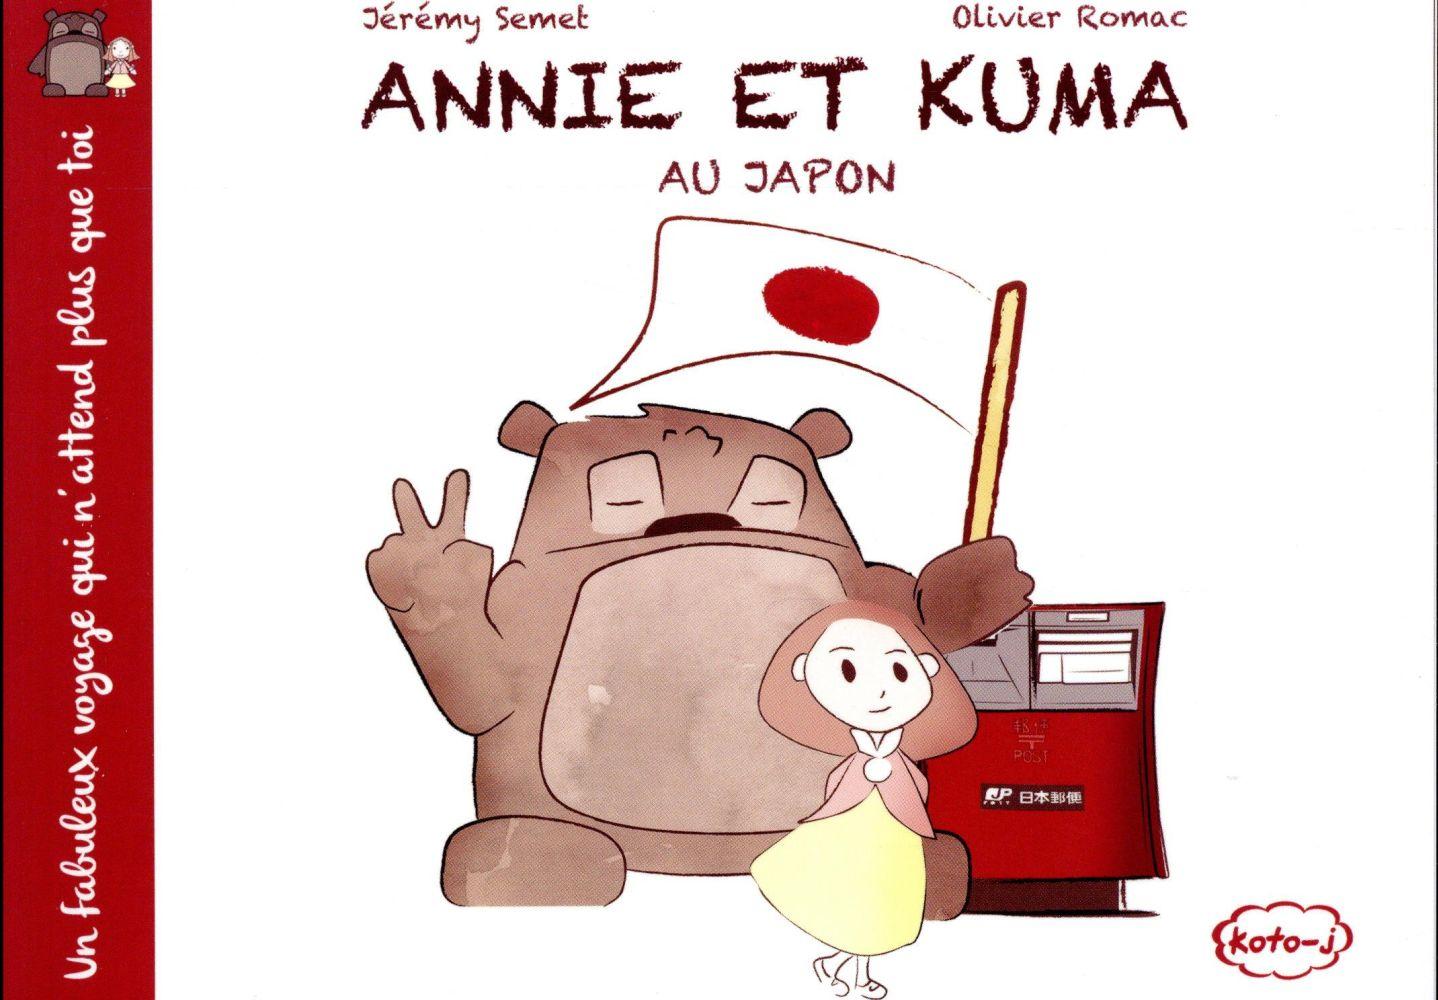 ANNIE ET KUMA T01 ANNIE ET KUMA AU JAPON